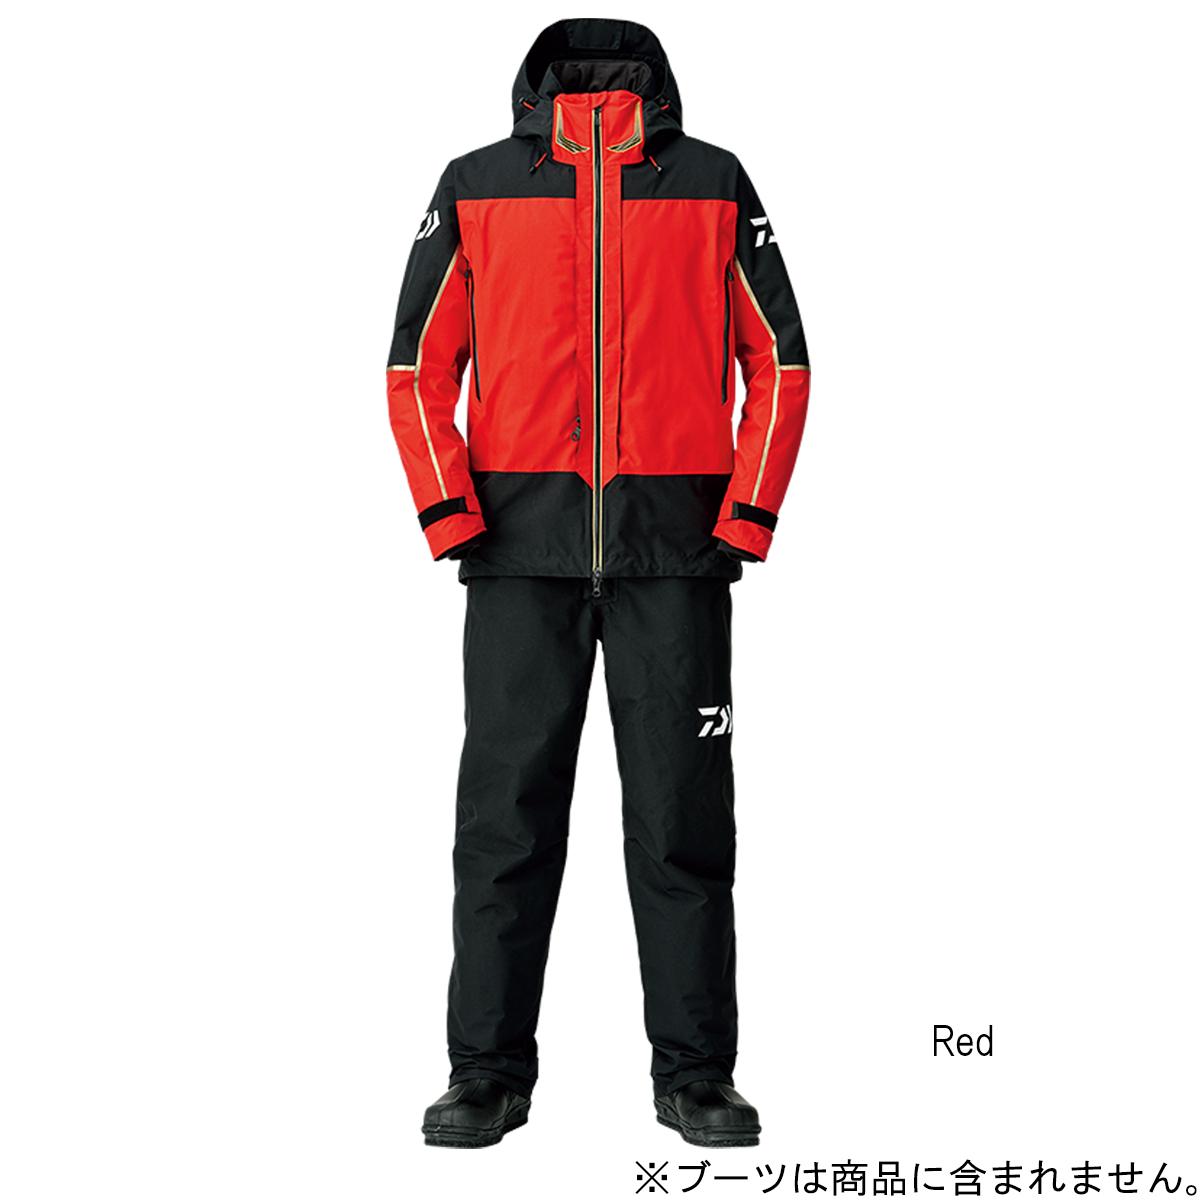 ダイワ ゴアテックス プロダクト コンビアップ ウィンタースーツ DW-1808 M Red(東日本店)